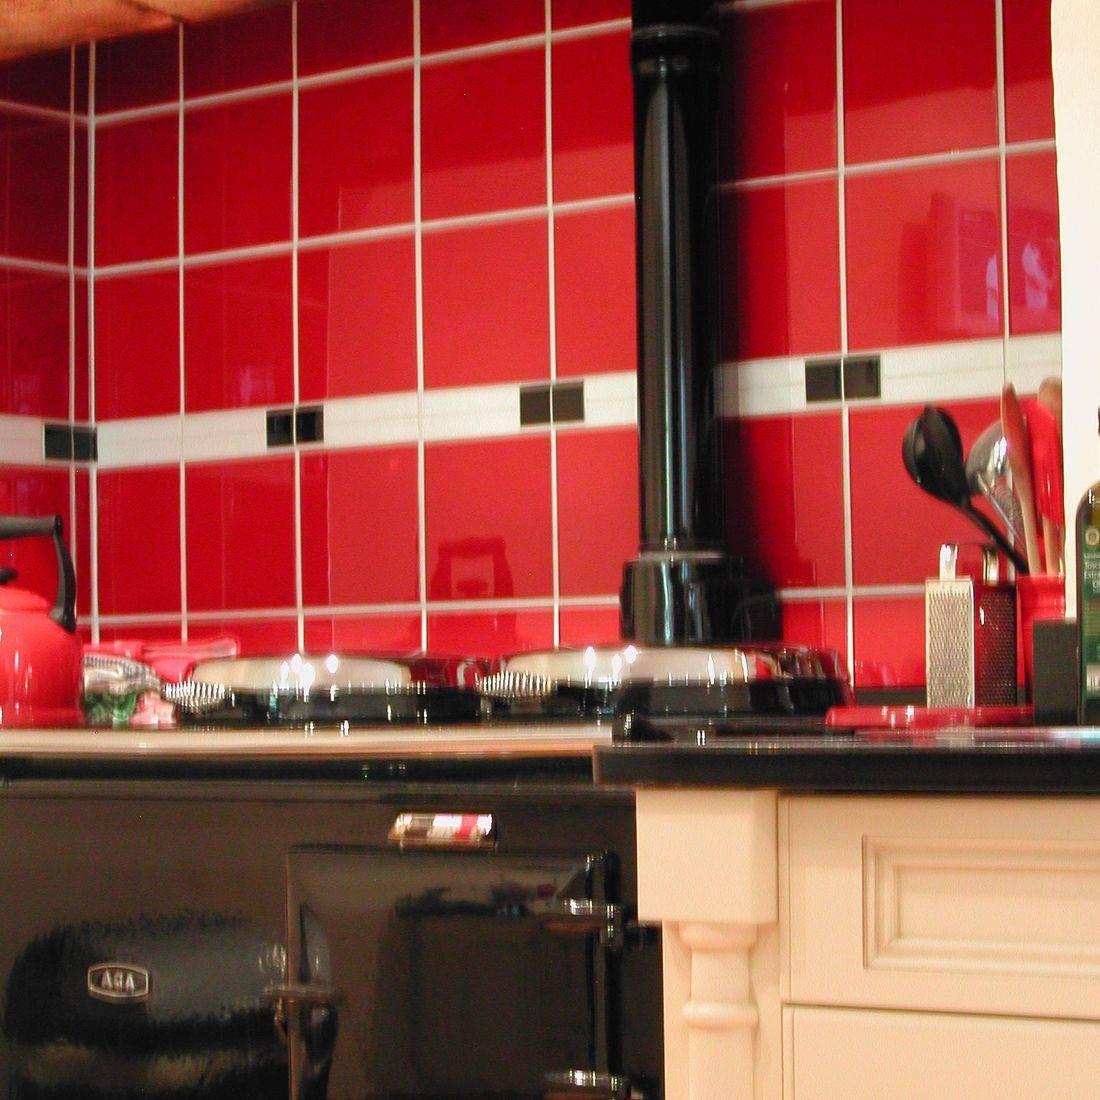 Range Cooker Red Glass Tiles